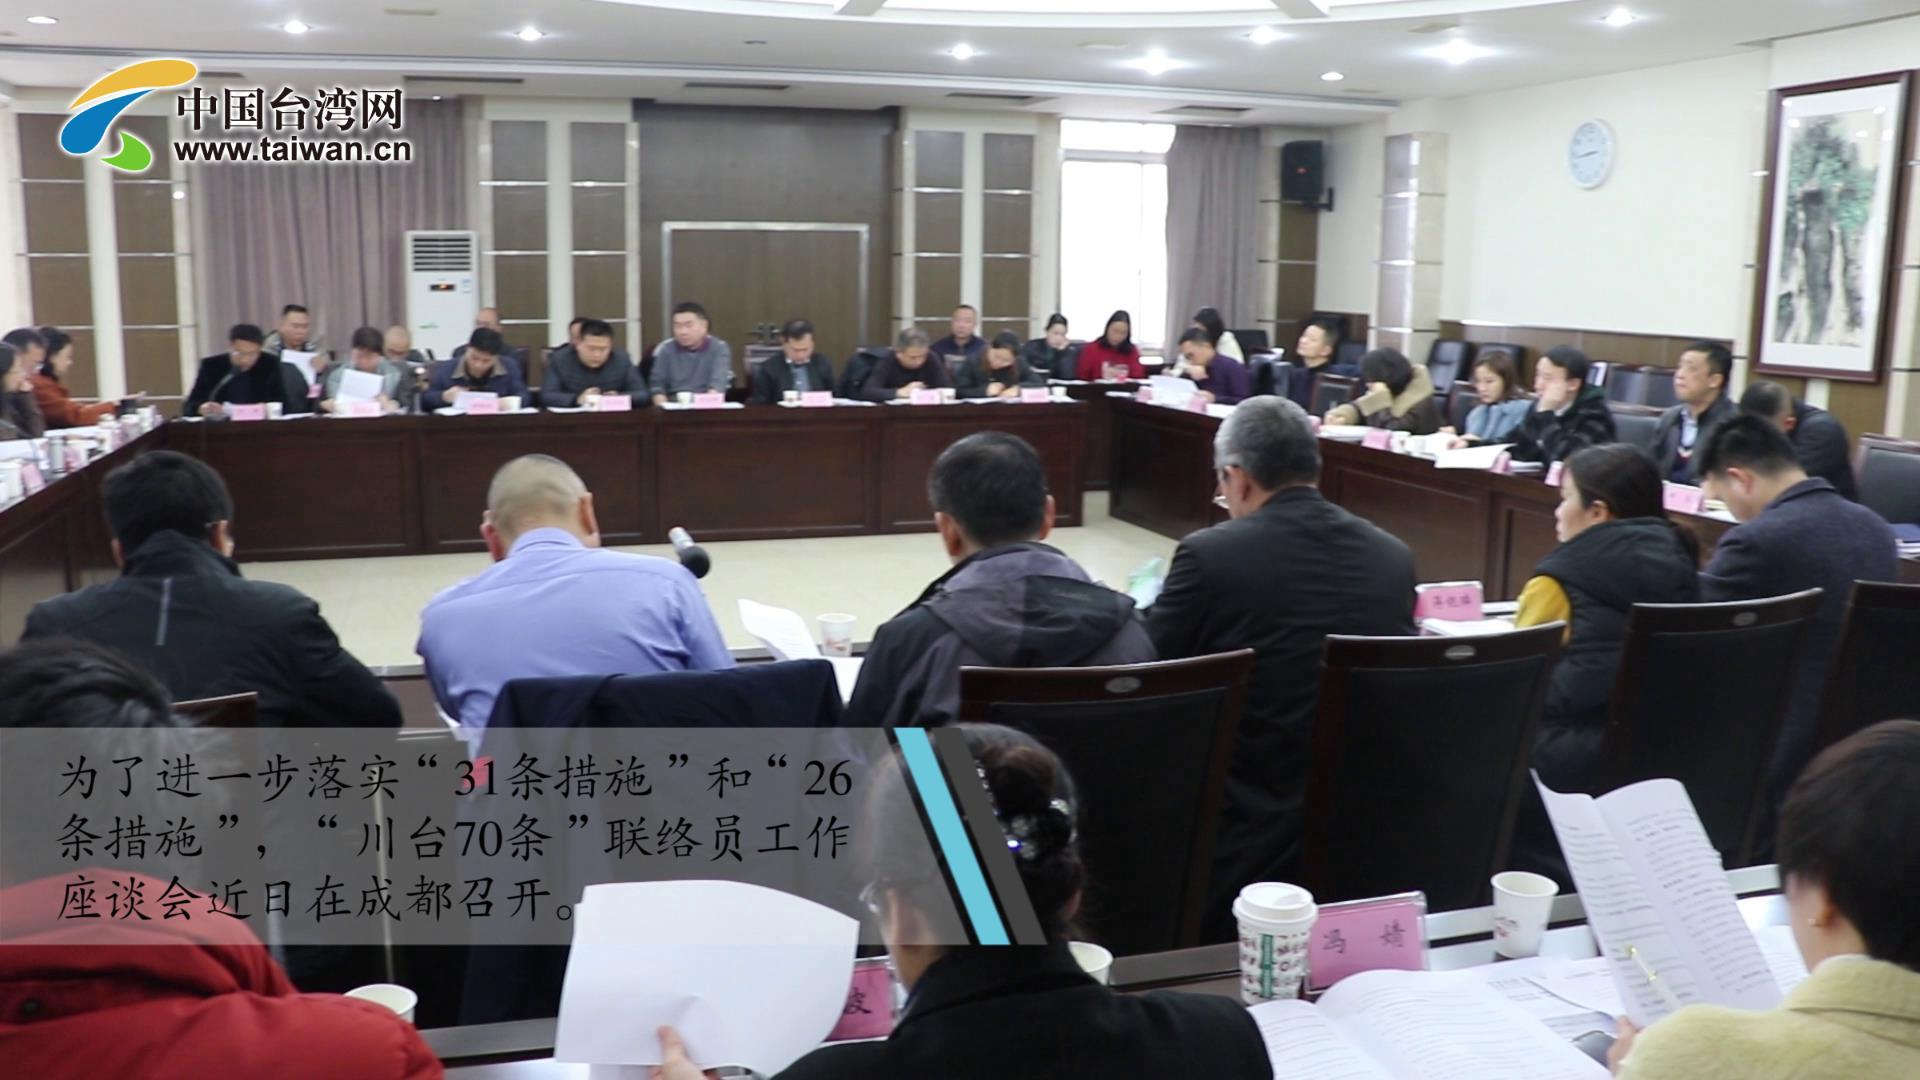 """四川省建立联络员机制, """"川台70条""""有效落地执行图片"""